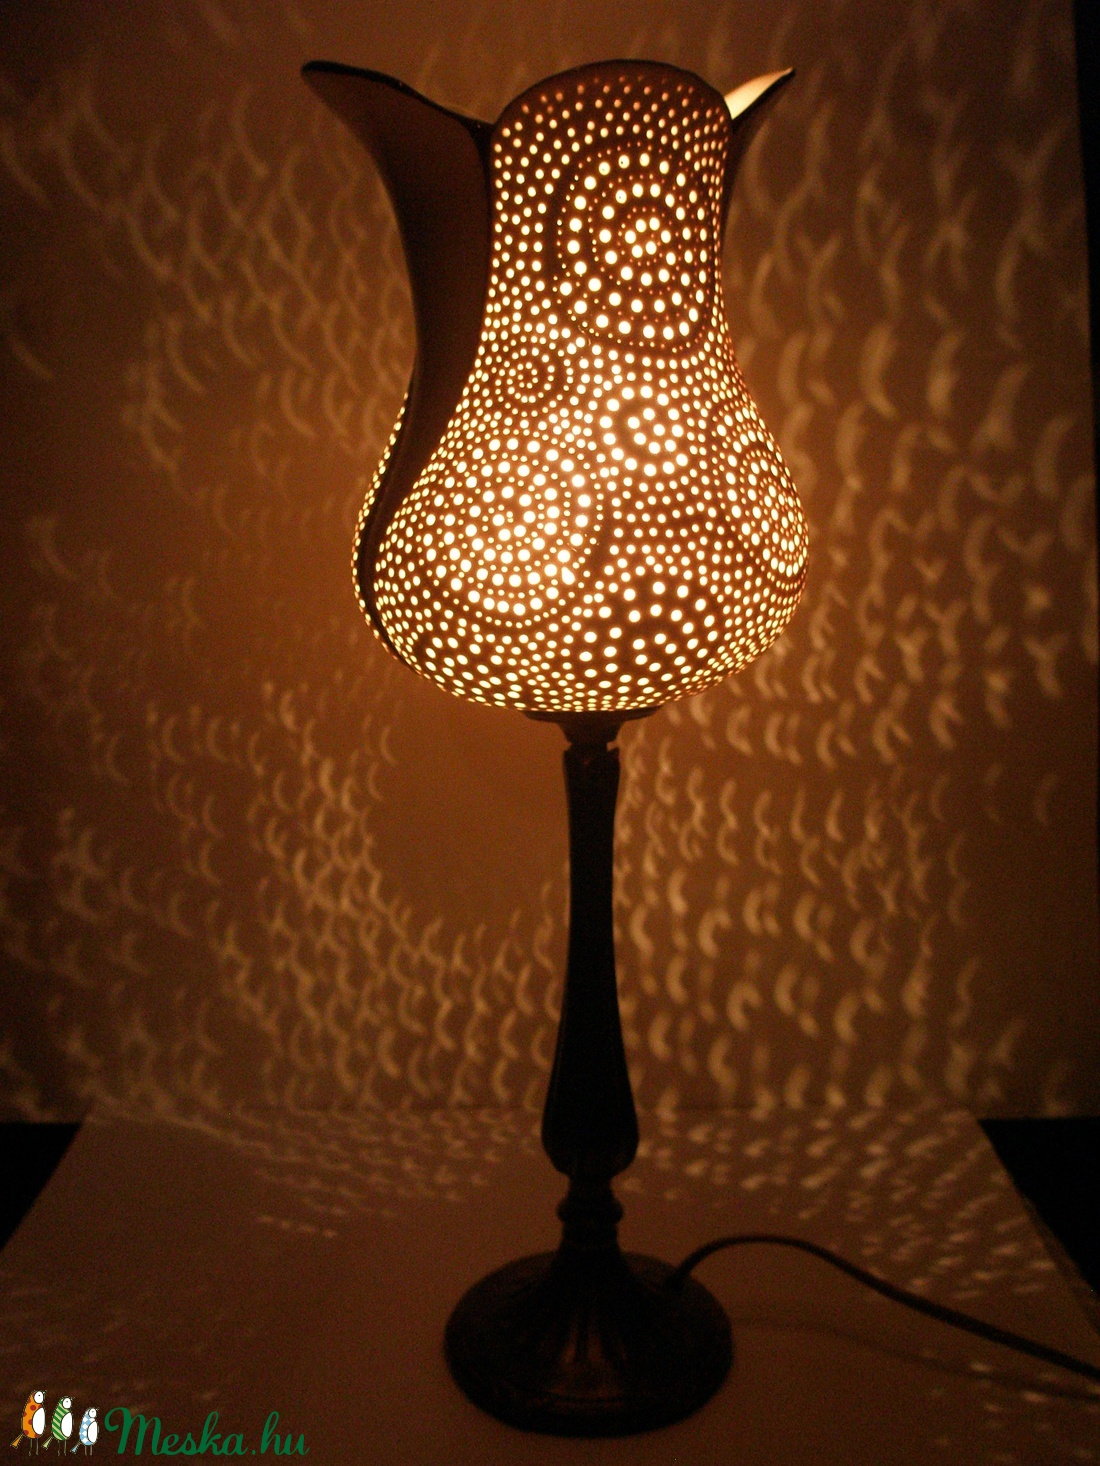 hangulat lámpa - otthon & lakás - lámpa - hangulatlámpa - Meska.hu